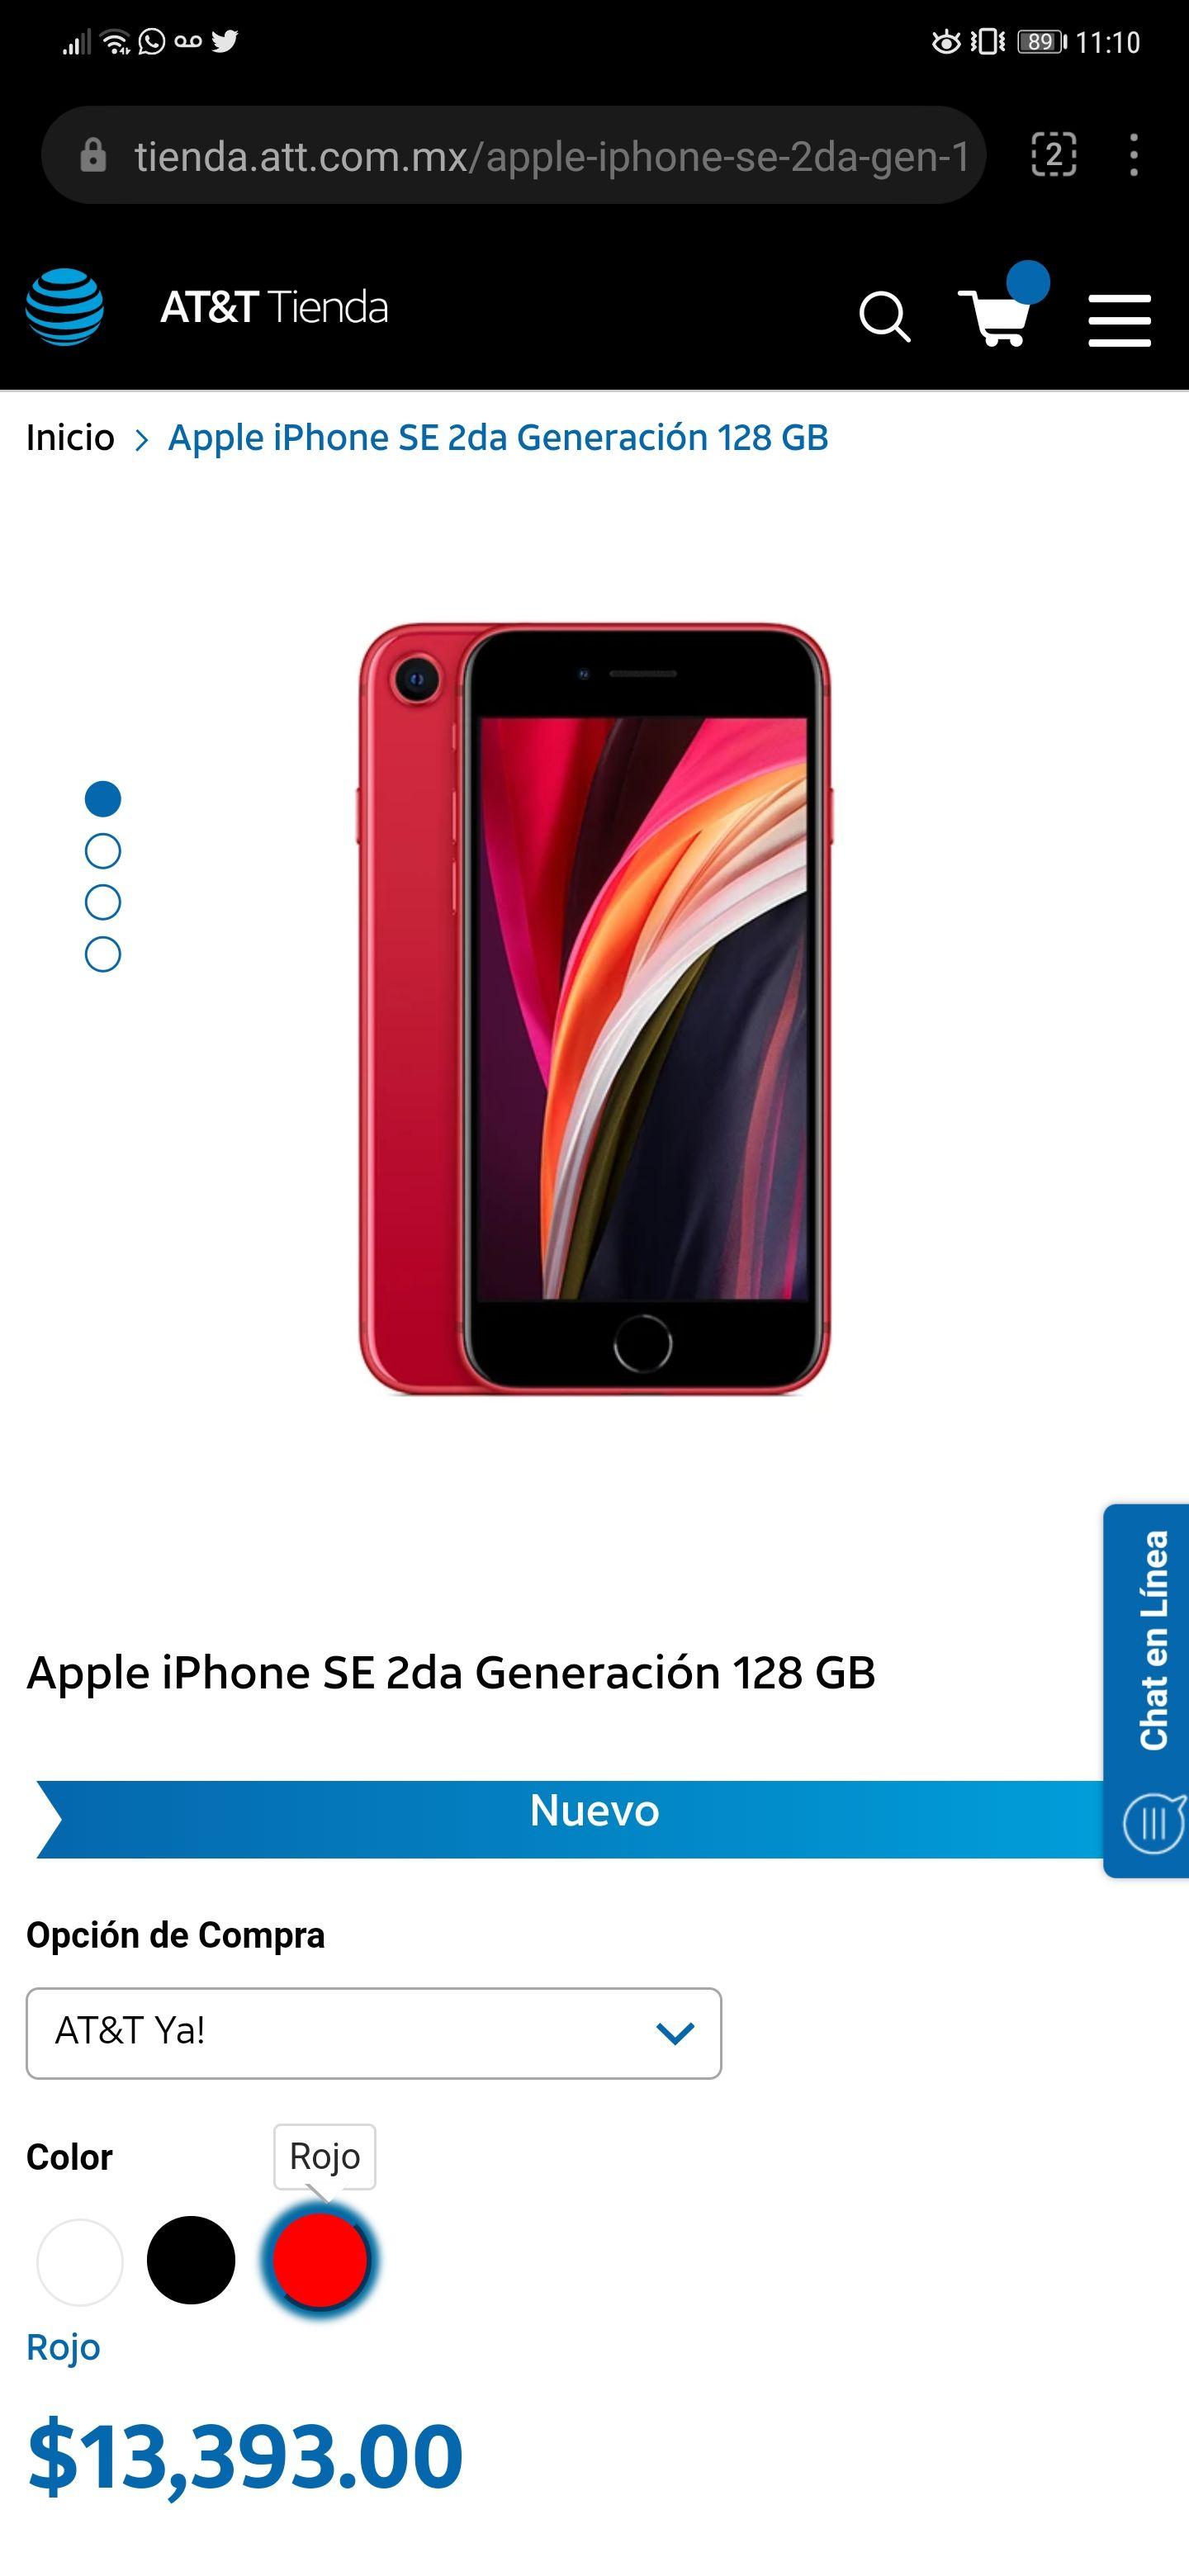 IPhone SE de 2a generacion CON UN AÑO DE SERVICIO!!!